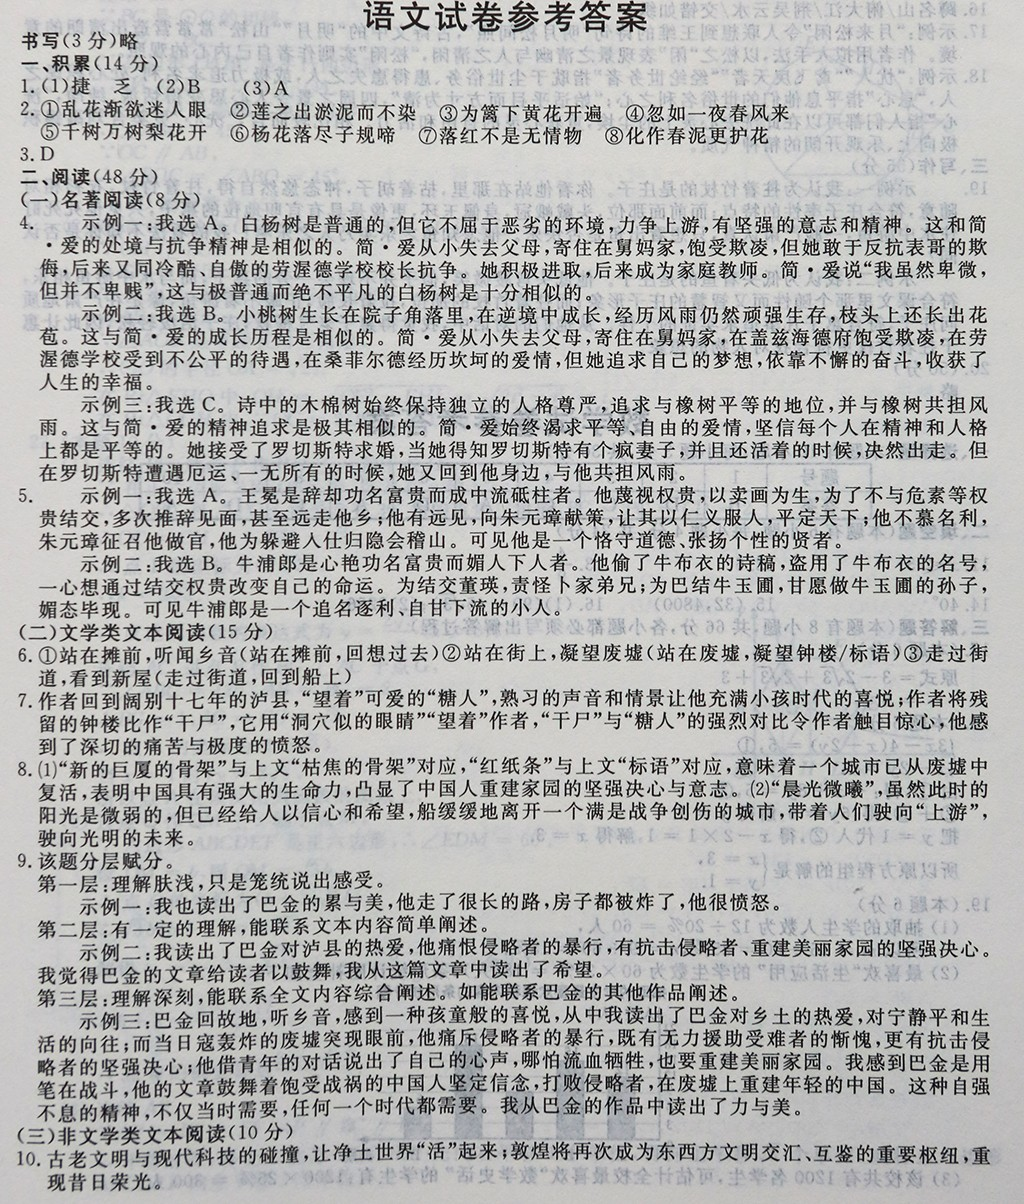 2019年浙江丽水中考语文真题参考答案